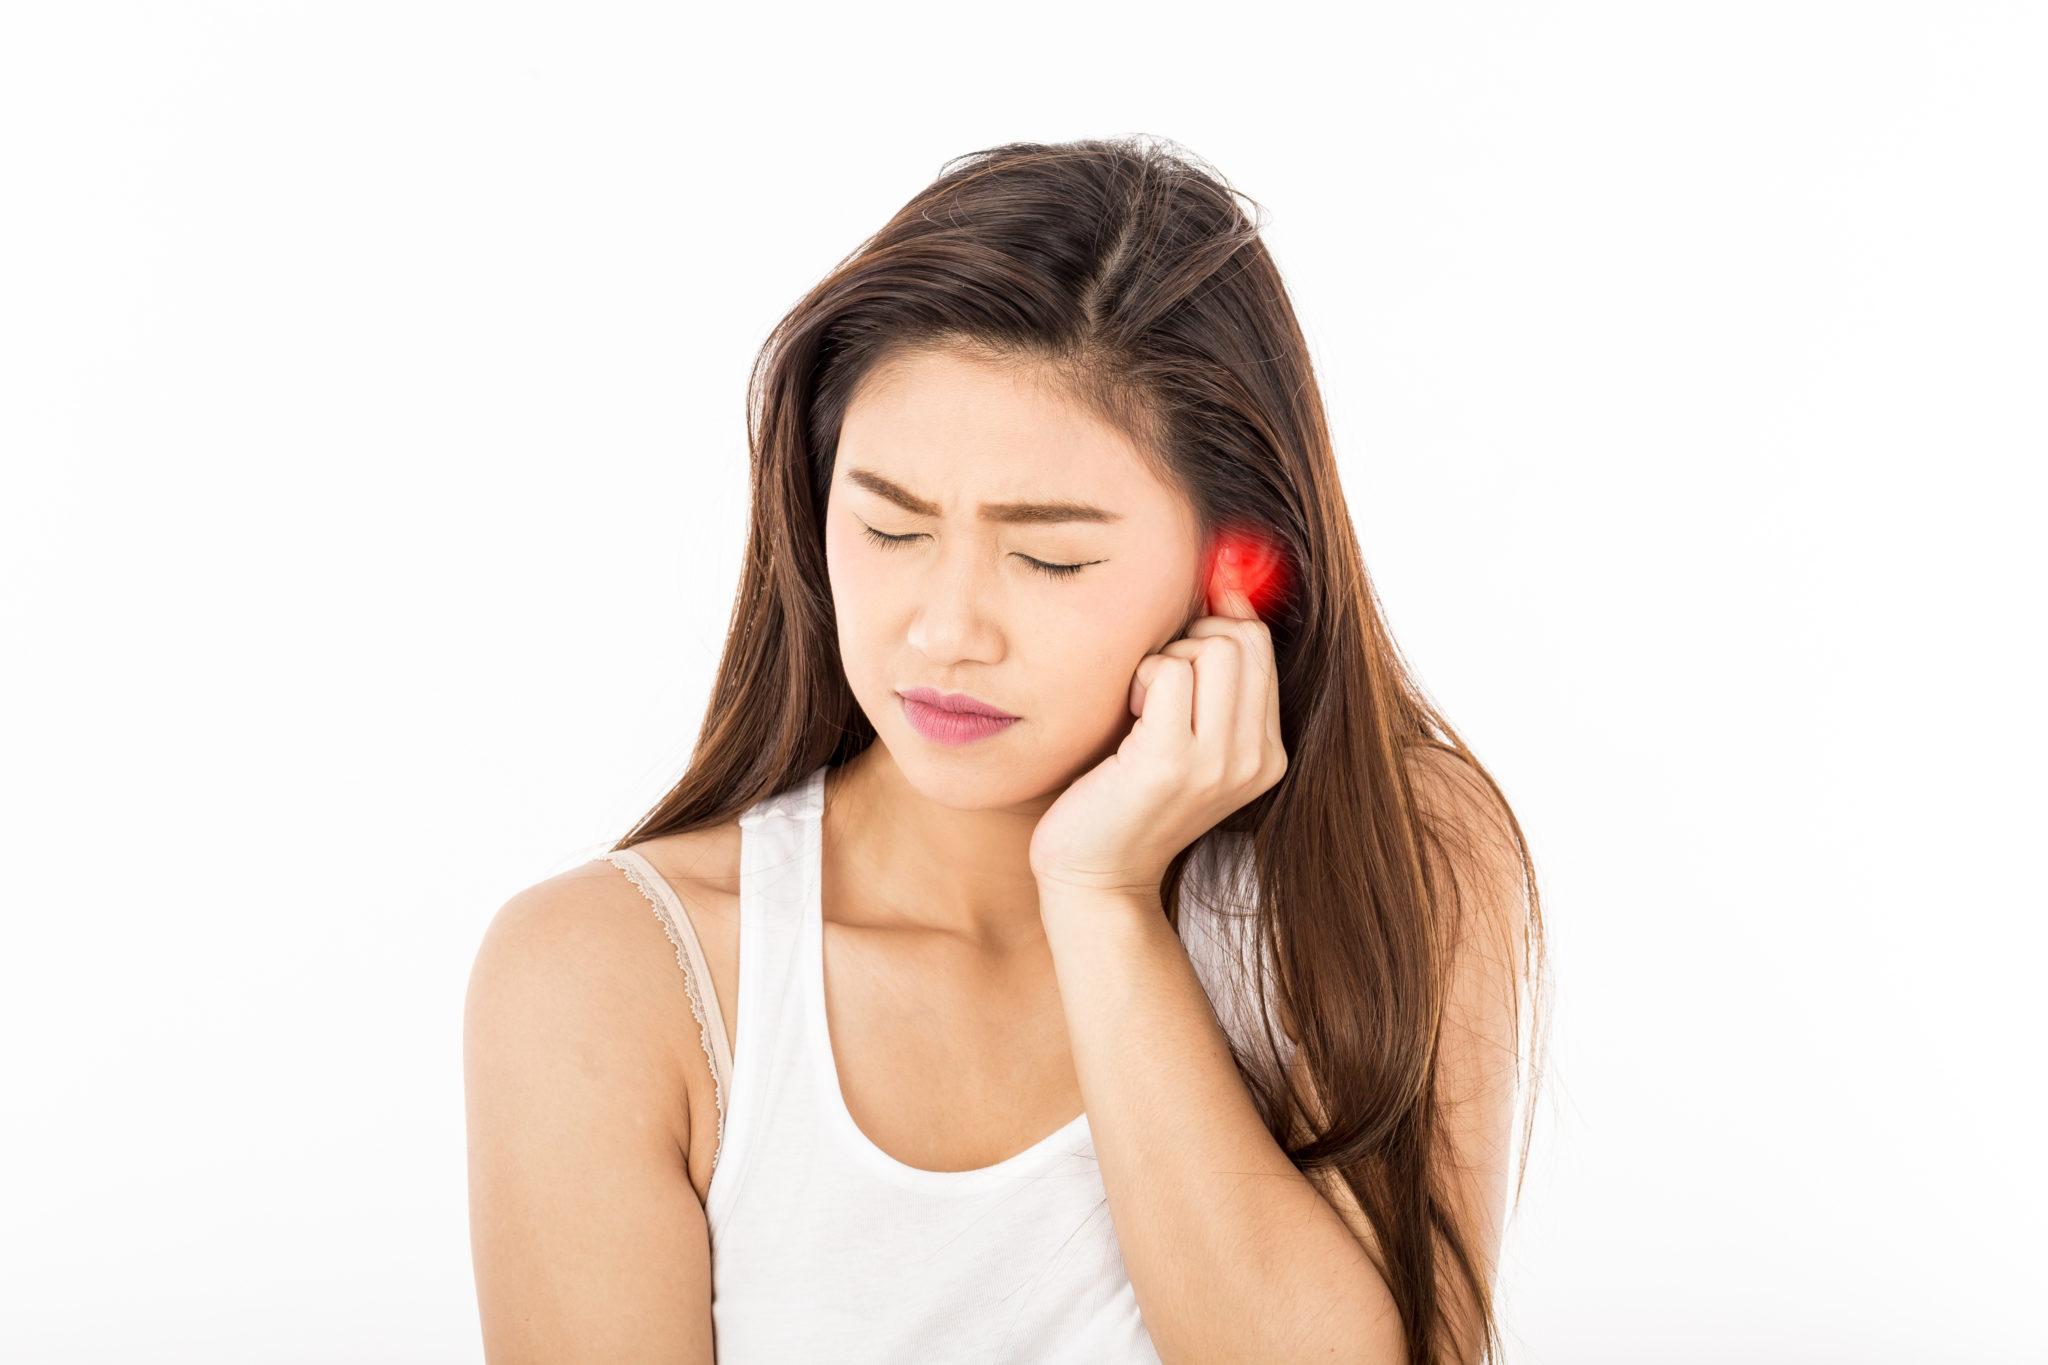 在下機後,若仍持續感到耳中痛楚或聽力不清,應及早尋求耳鼻喉專科醫生檢查。